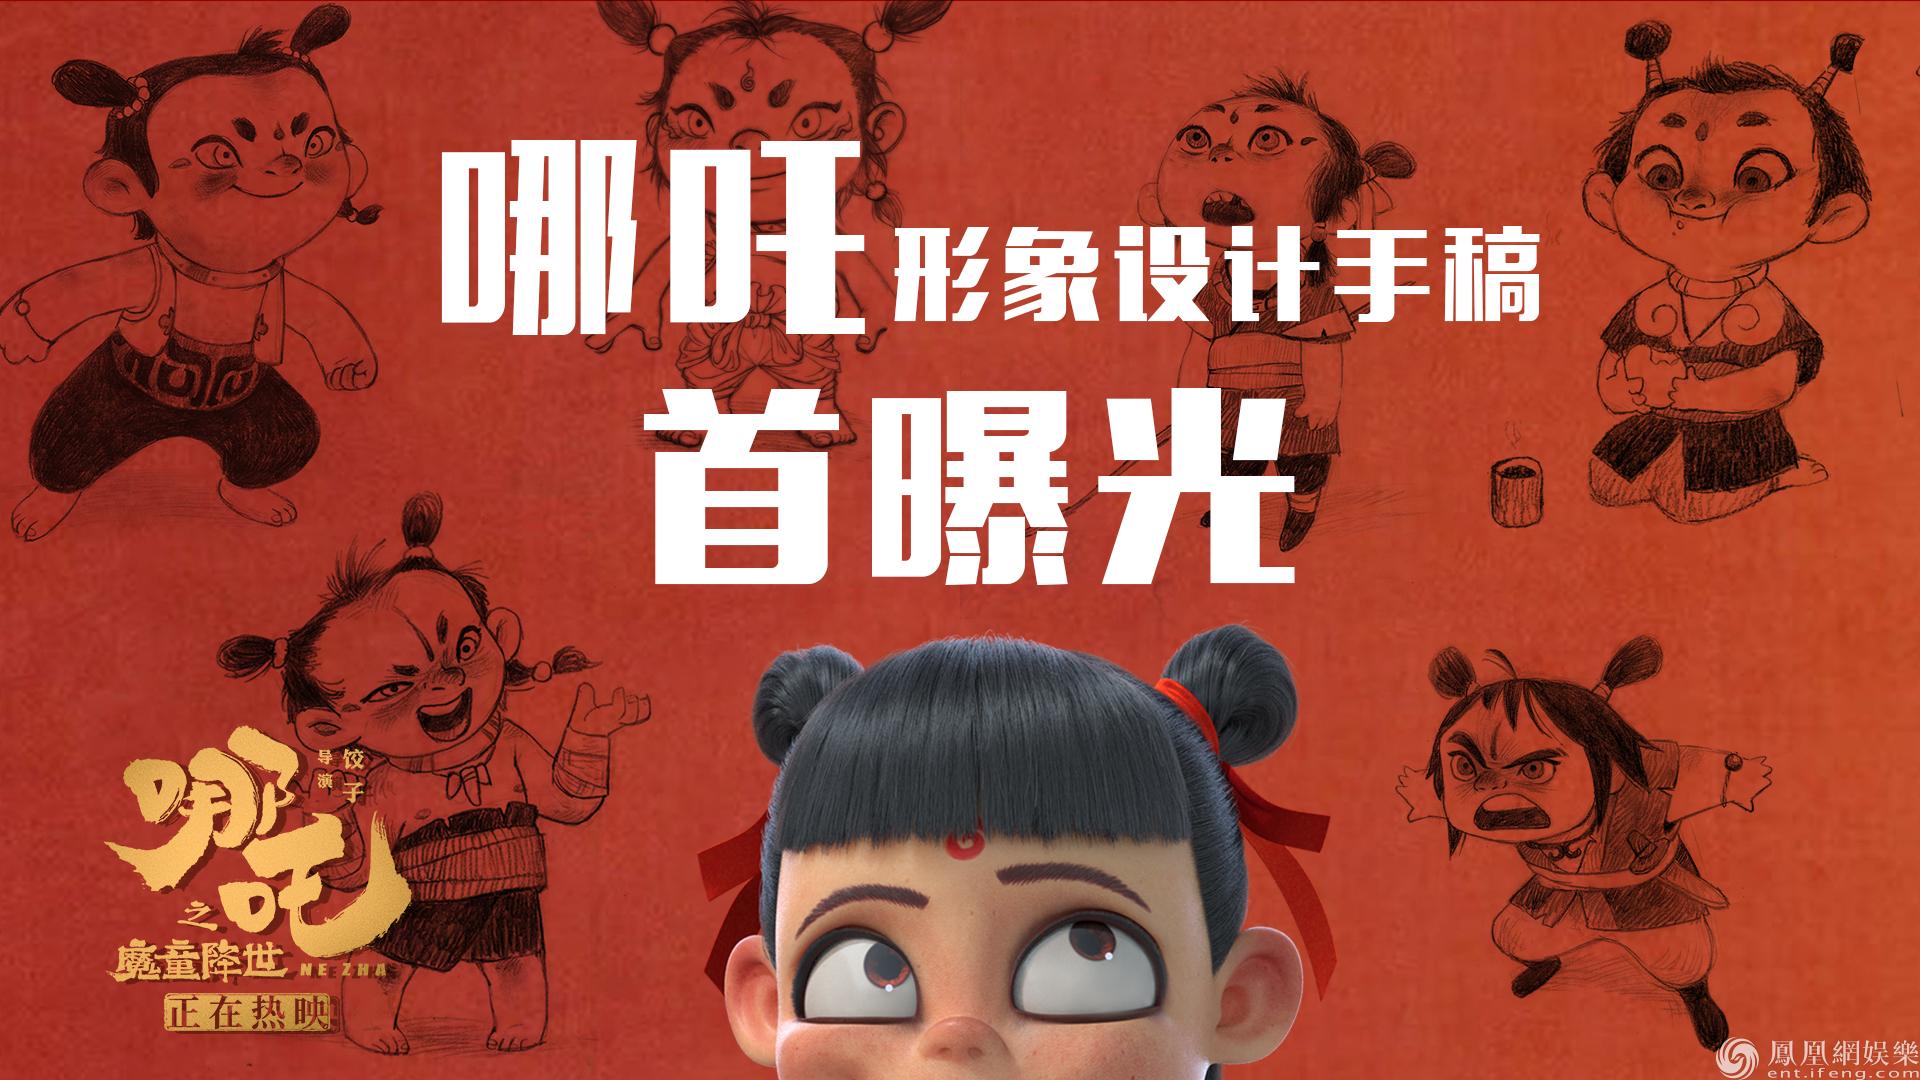 哪吒中国风海报设计线稿到最后的成稿